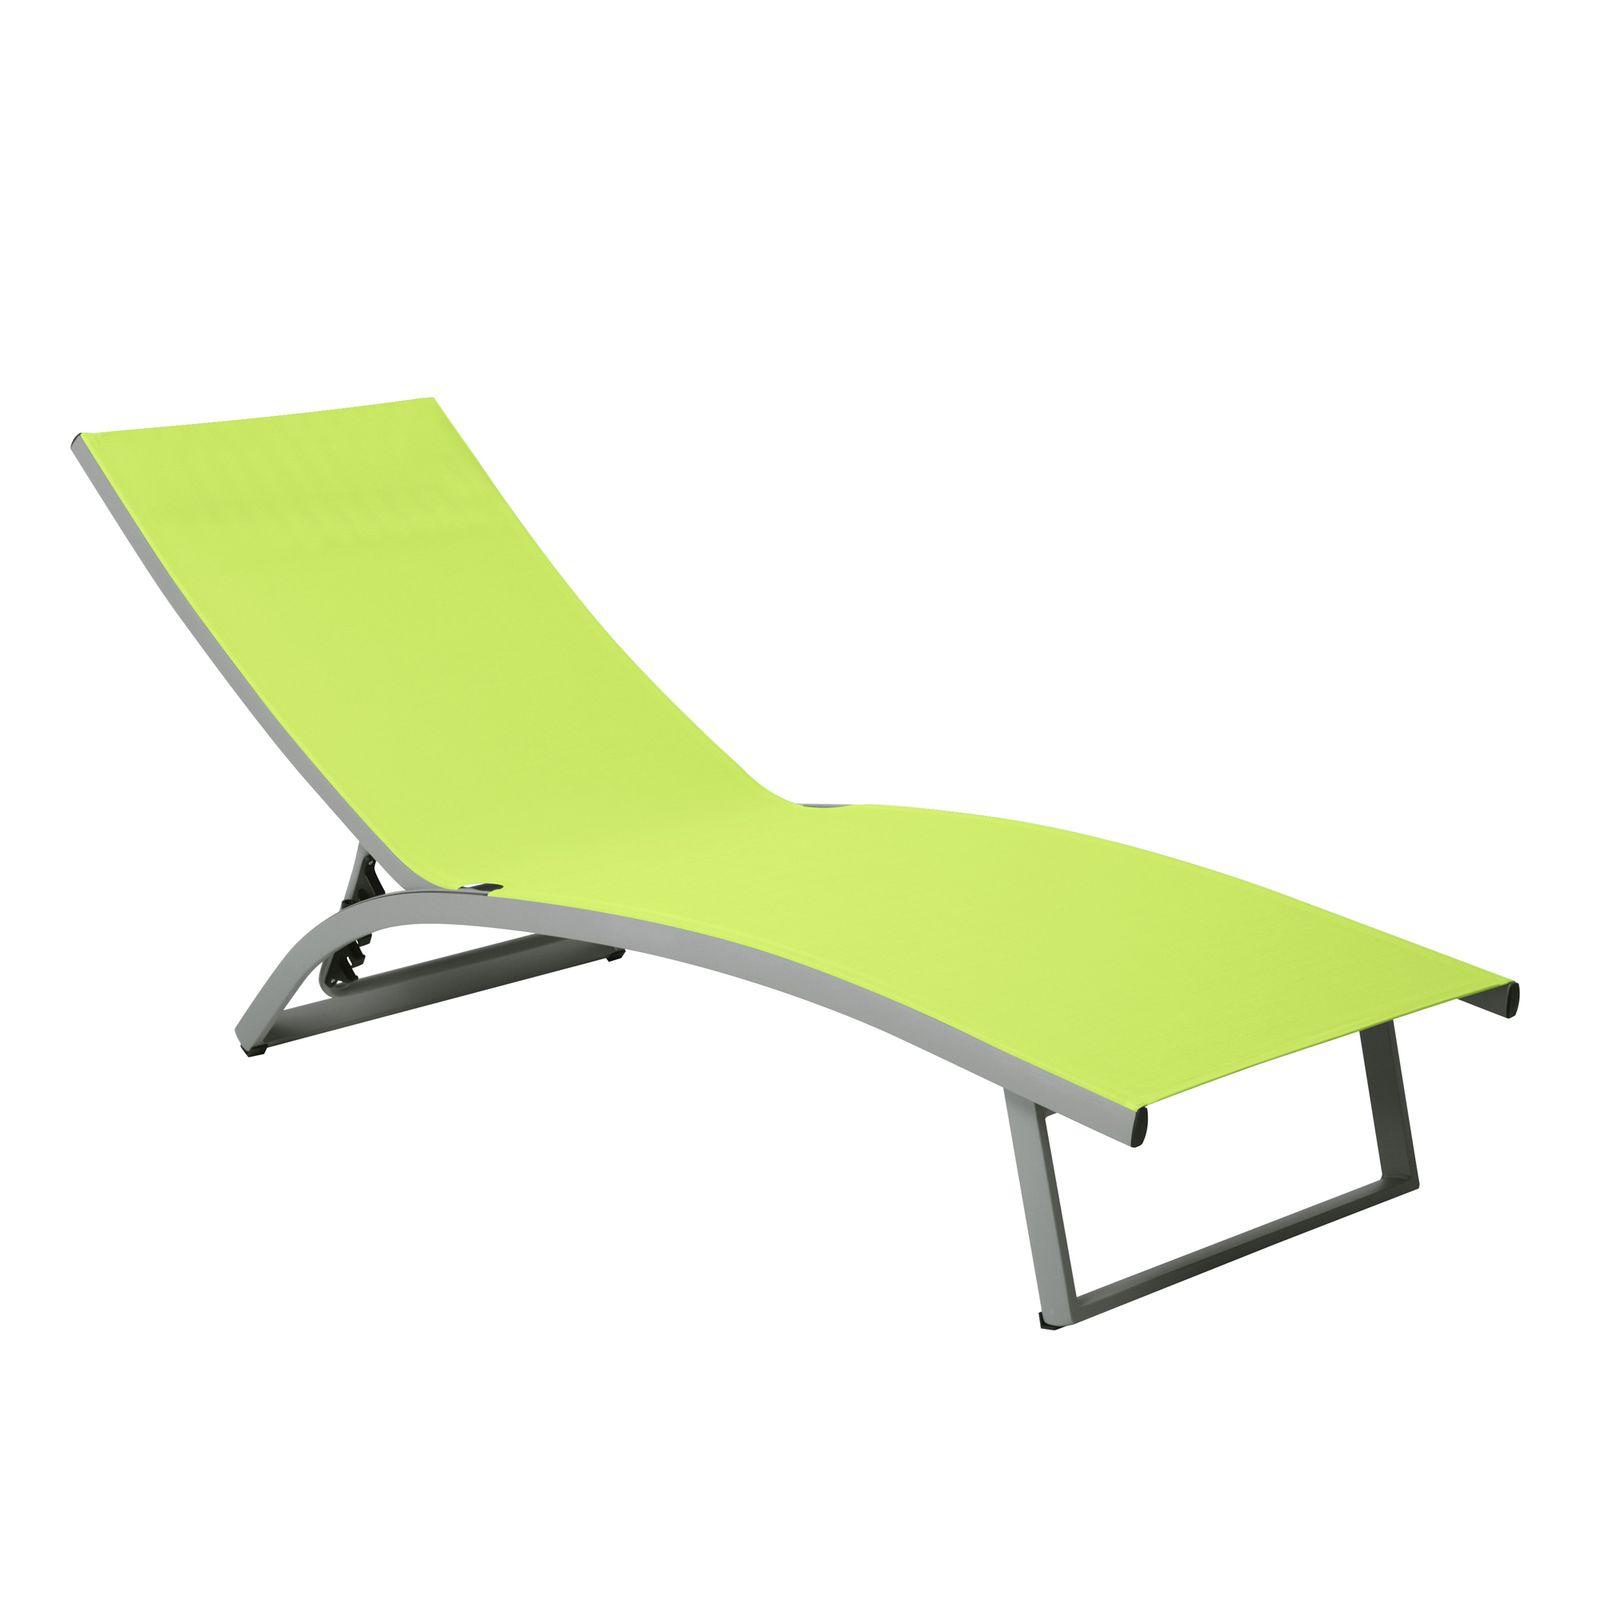 Łóżko plażowe Summer 5-pozycyjne limonka PATIO